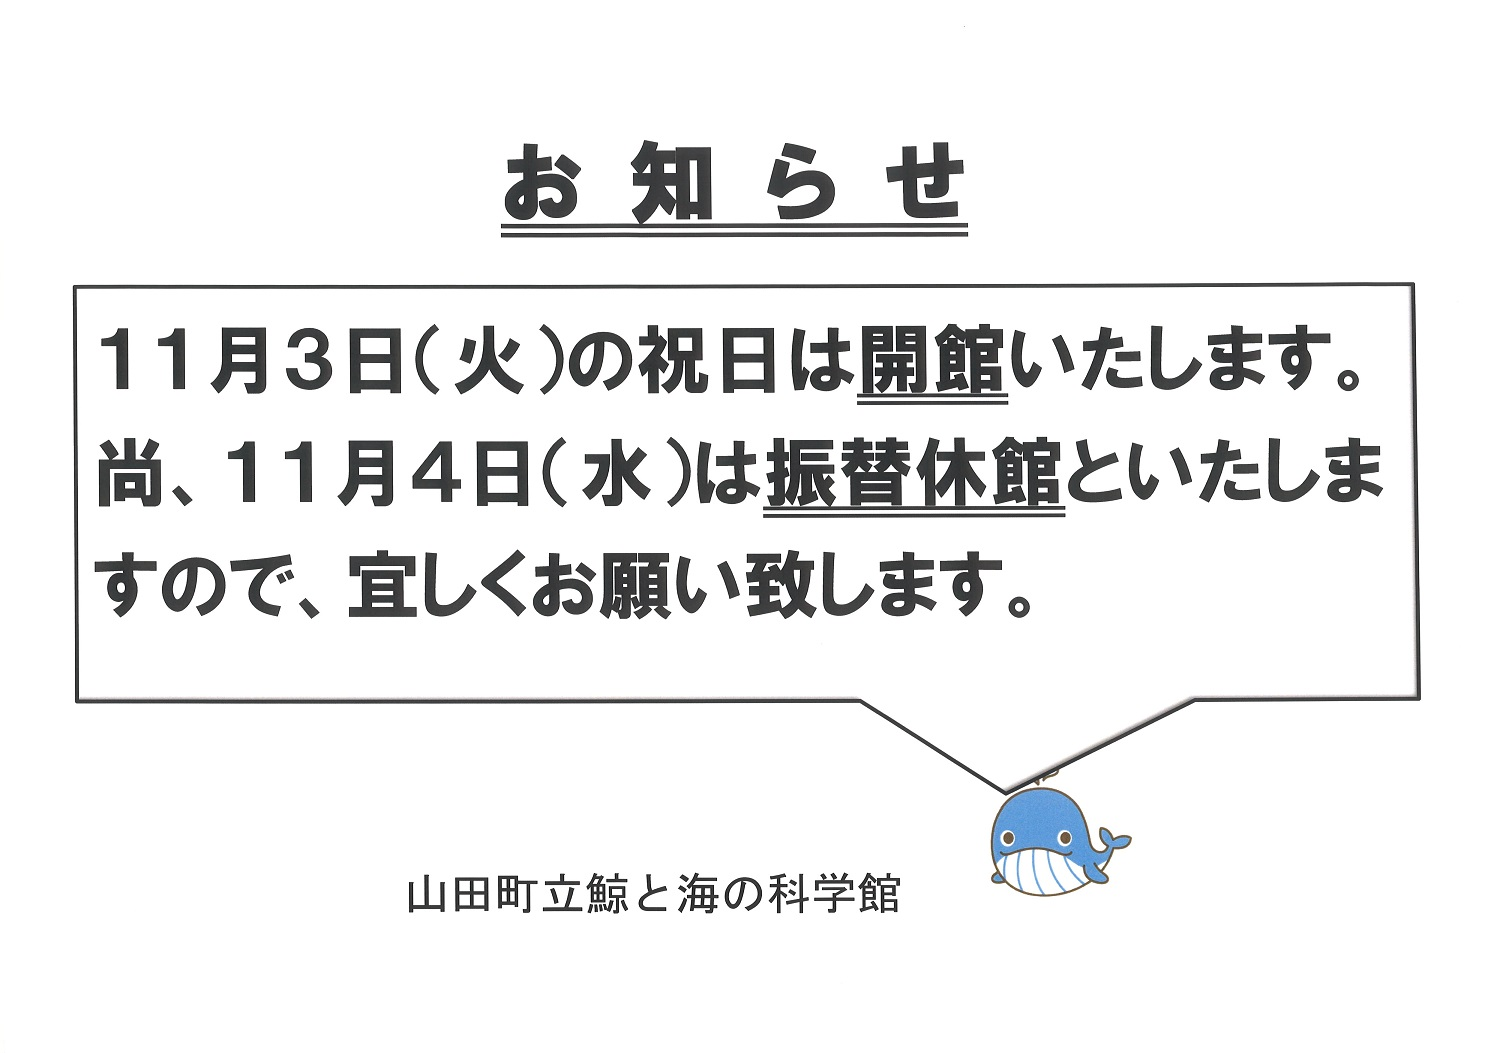 11月3日(火)は開館します